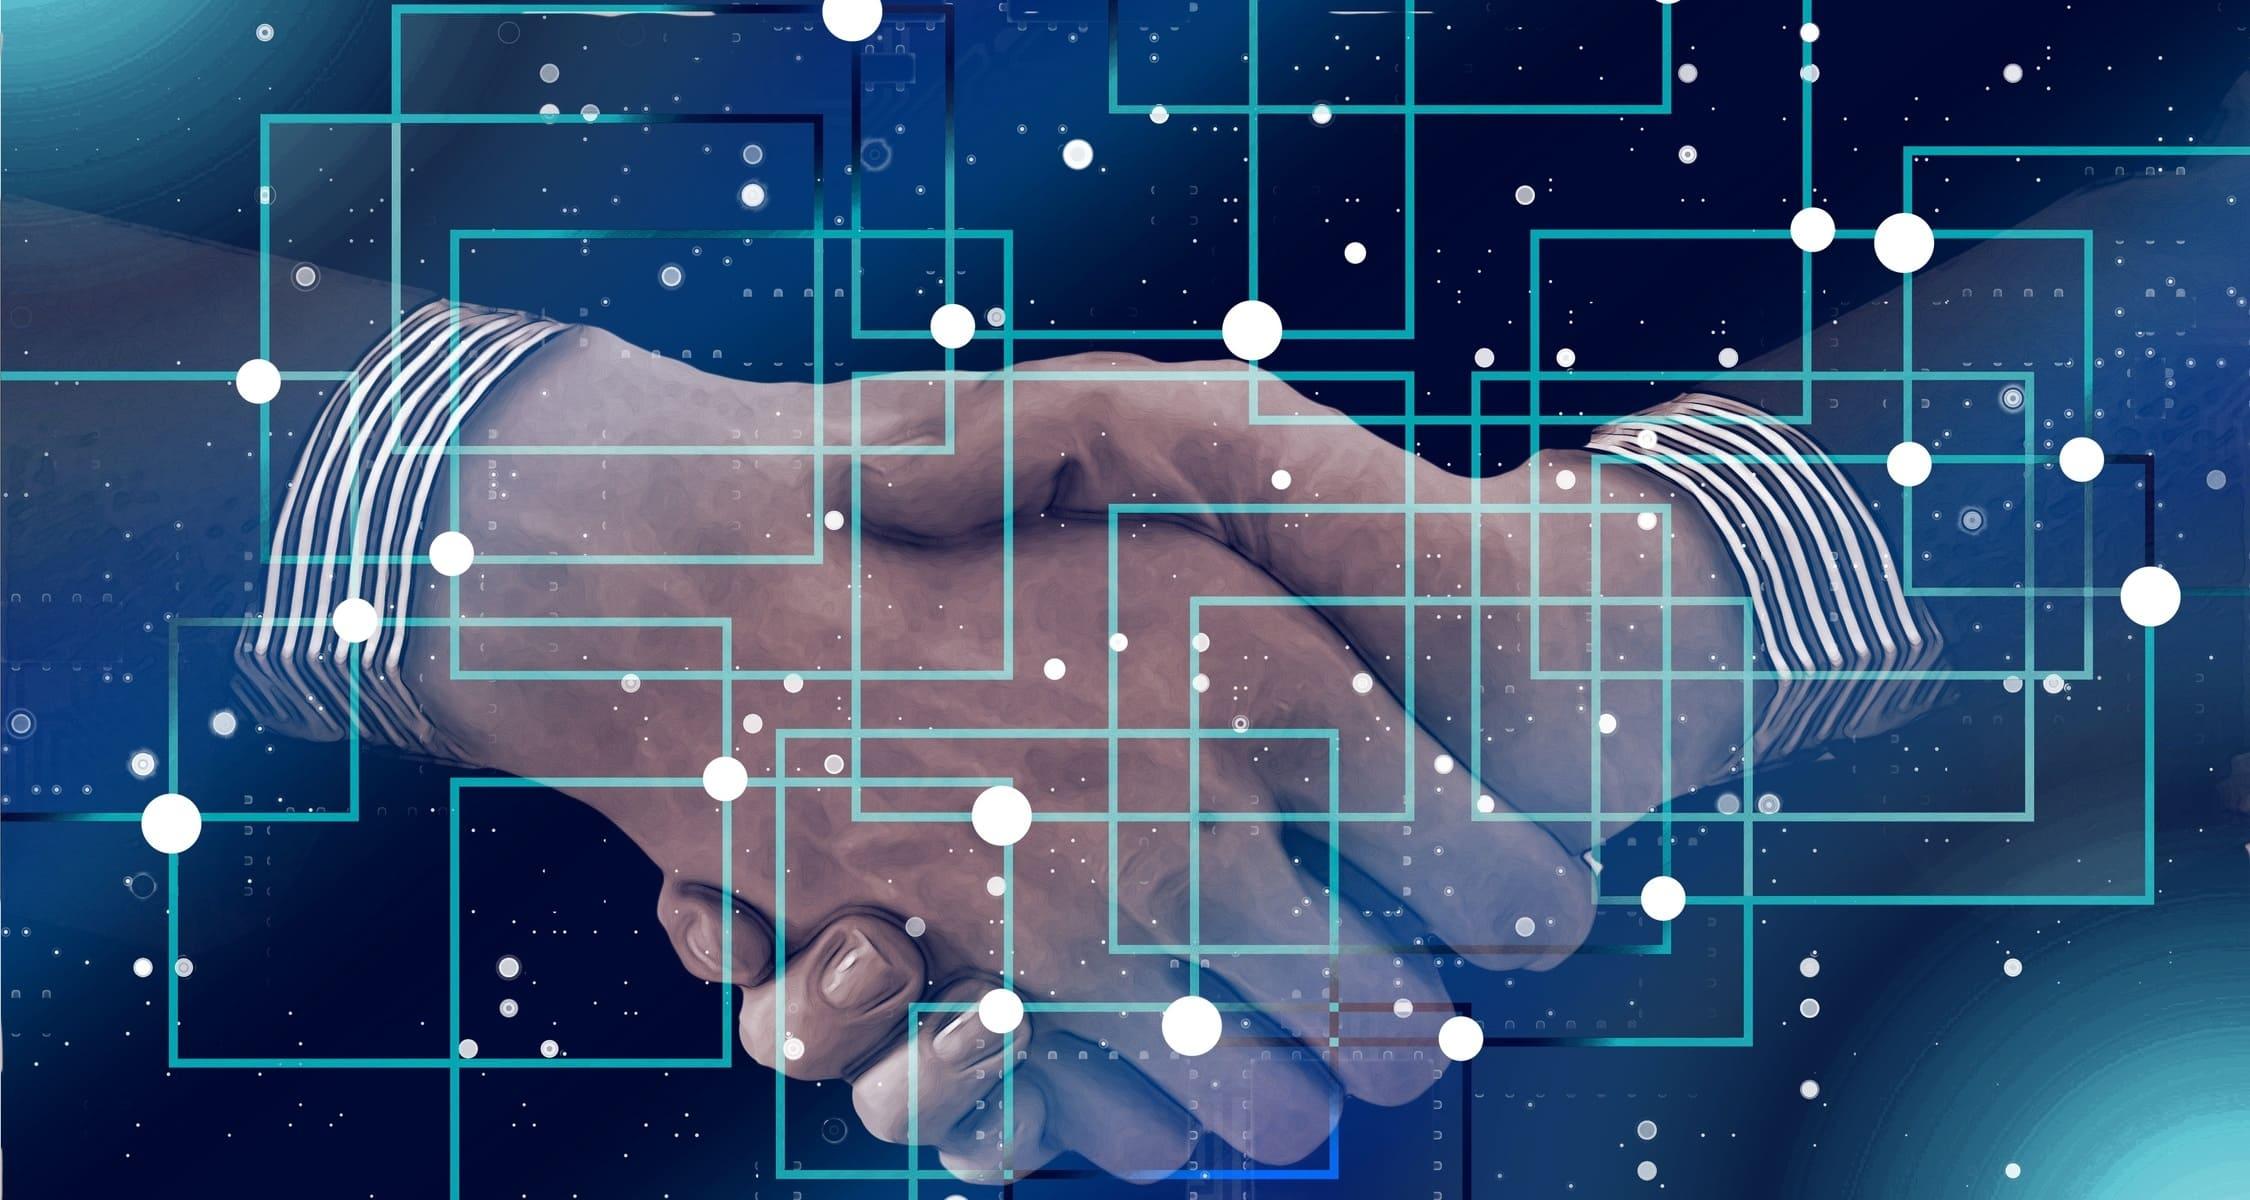 immagine con due mani che si stringono per accordo